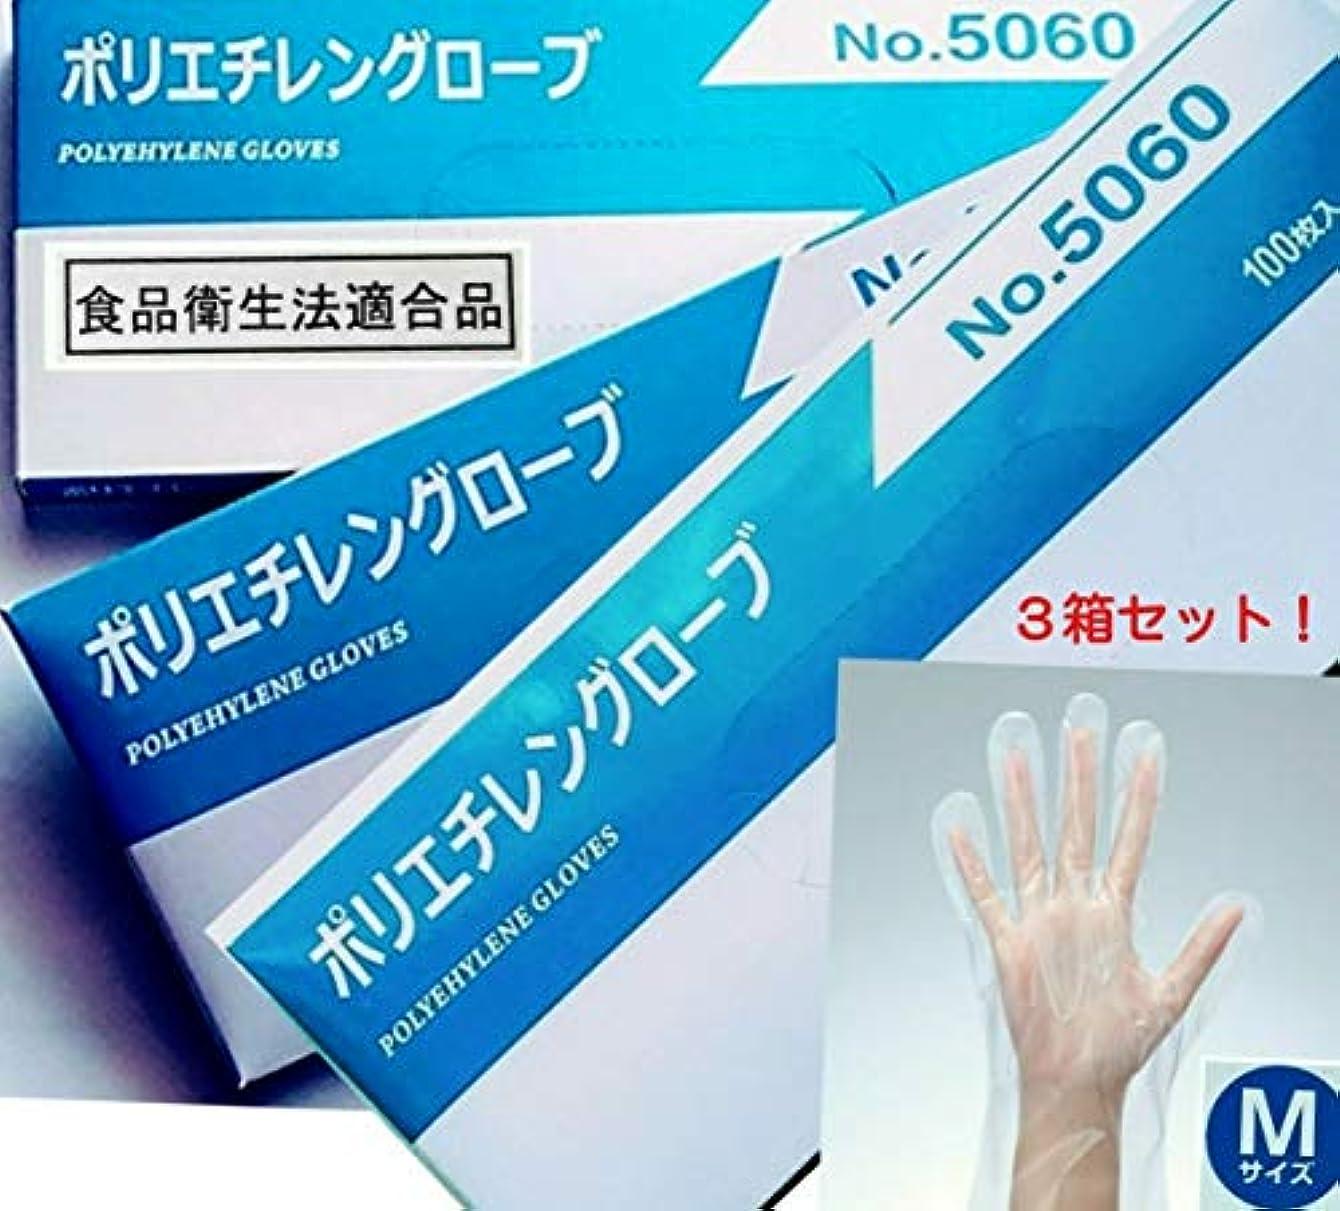 見る見る放棄する【まとめ買い】ポリエチレングローブ(使い捨て手袋 Mサイズ) 100枚入?食品衛生法適合品 3箱セット